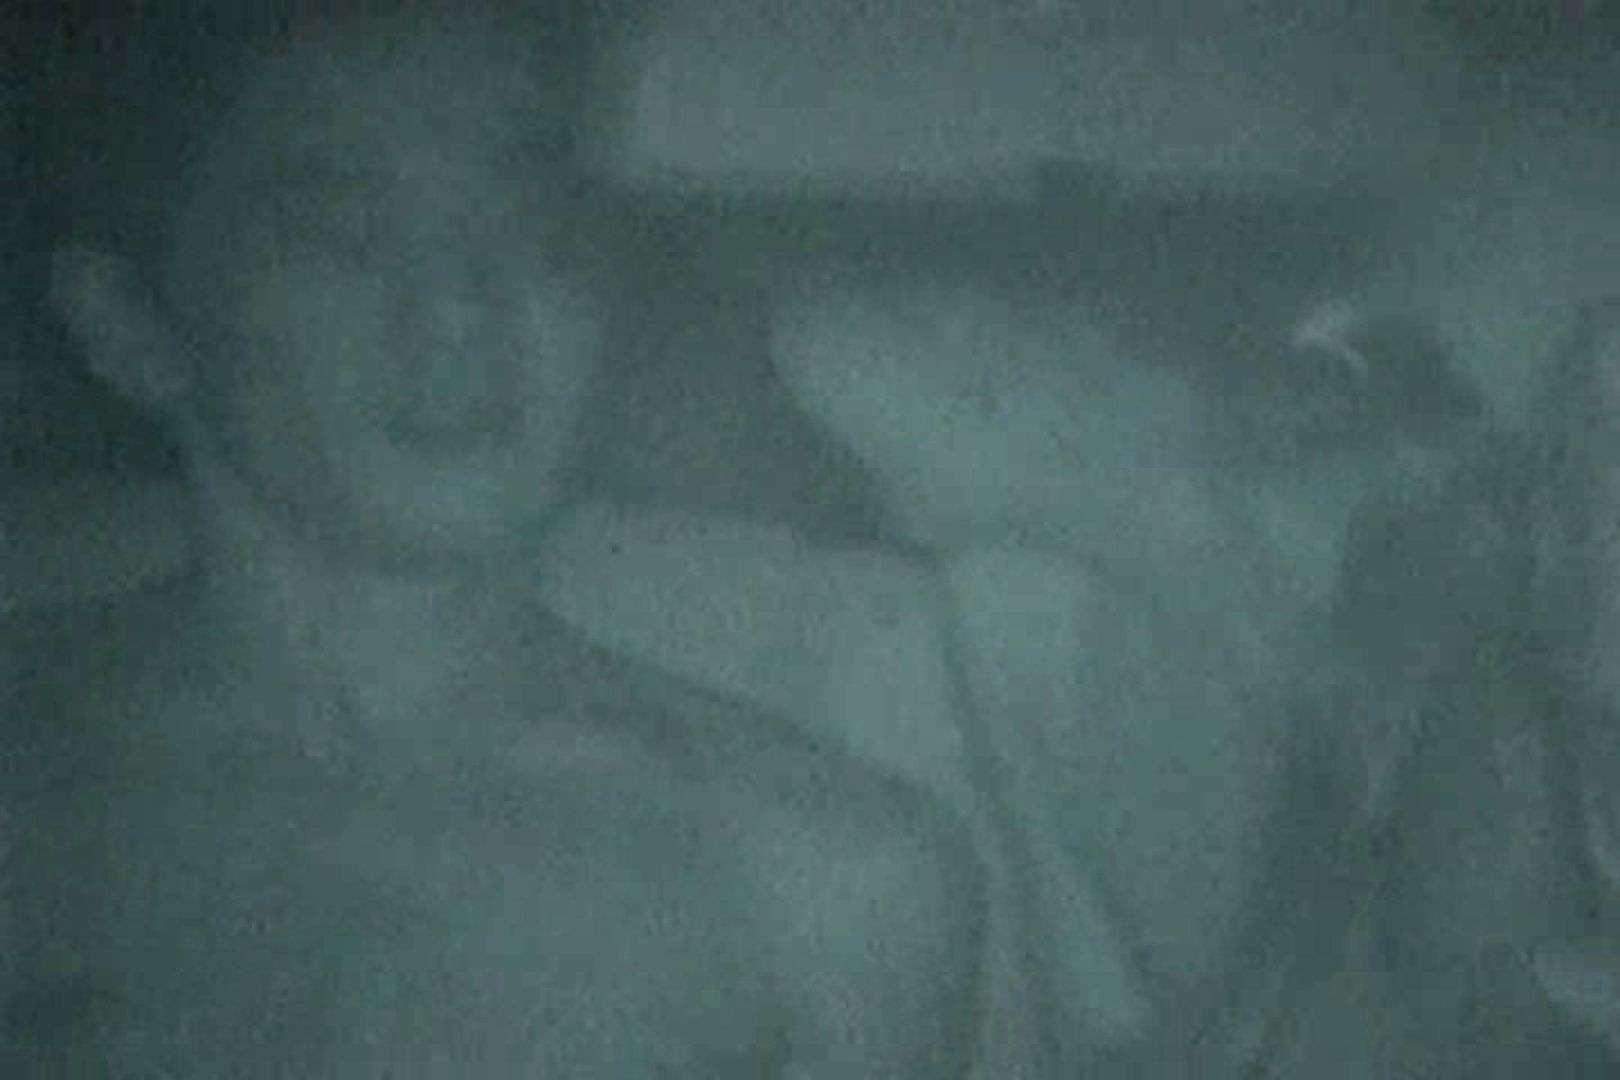 充血監督の深夜の運動会Vol.130 OLセックス 盗撮エロ画像 91画像 2